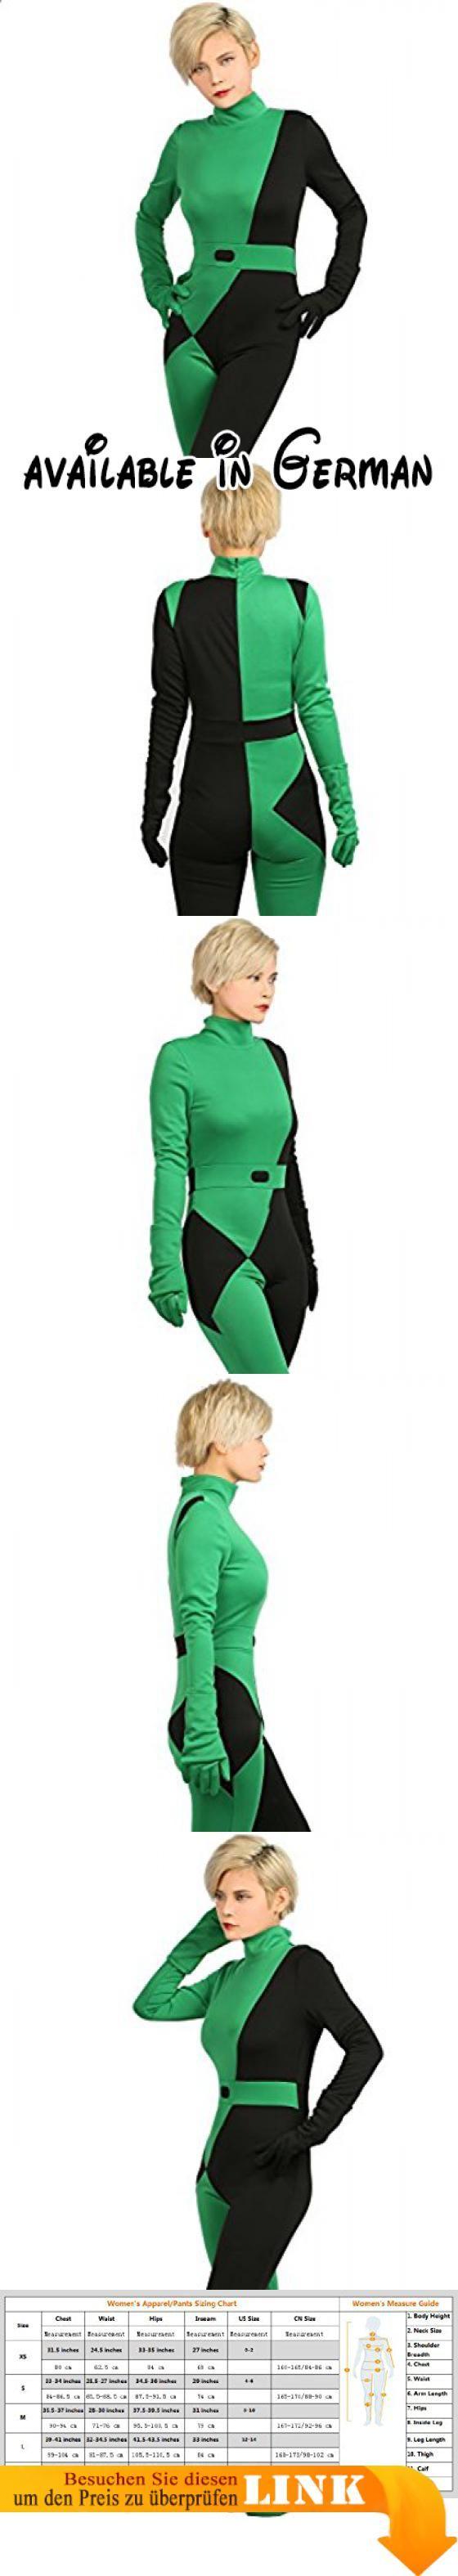 Halloween Kostüm Shego Grün Jumpsuit Damen Anime Cosplay Suit mit Zubehör für Erwachsene Verrücktes Kleid Kleidung. Inklusive: Ein Jumpsuit + ein Paar Handschuhe + Holster. Material: Polyester. Charakter: Shego. Hochwertiges Shego Kostüm, 100% nagelneu. Um sicherzustellen, dass das Kostüm für Sie mehr geeignet ist, Bitte bieten Sie uns Ihre Maße wie: Höhe, Brust, Taille, Hüfte und Schulter an Schulter #Toy #ACCESSORY